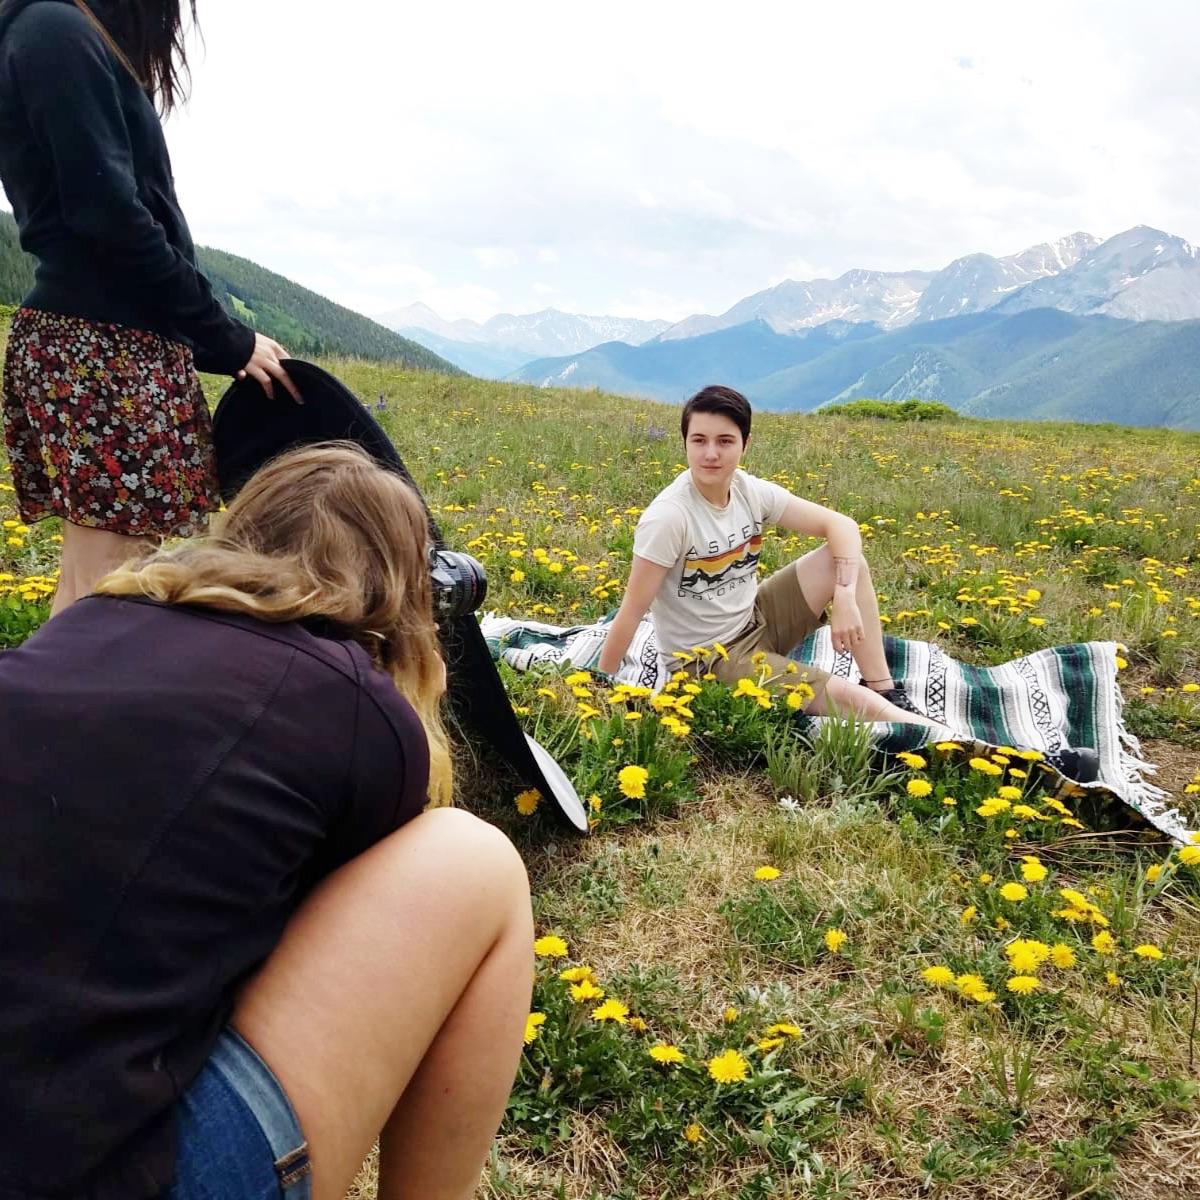 behind the scenes high school senior photo shoot Colorado